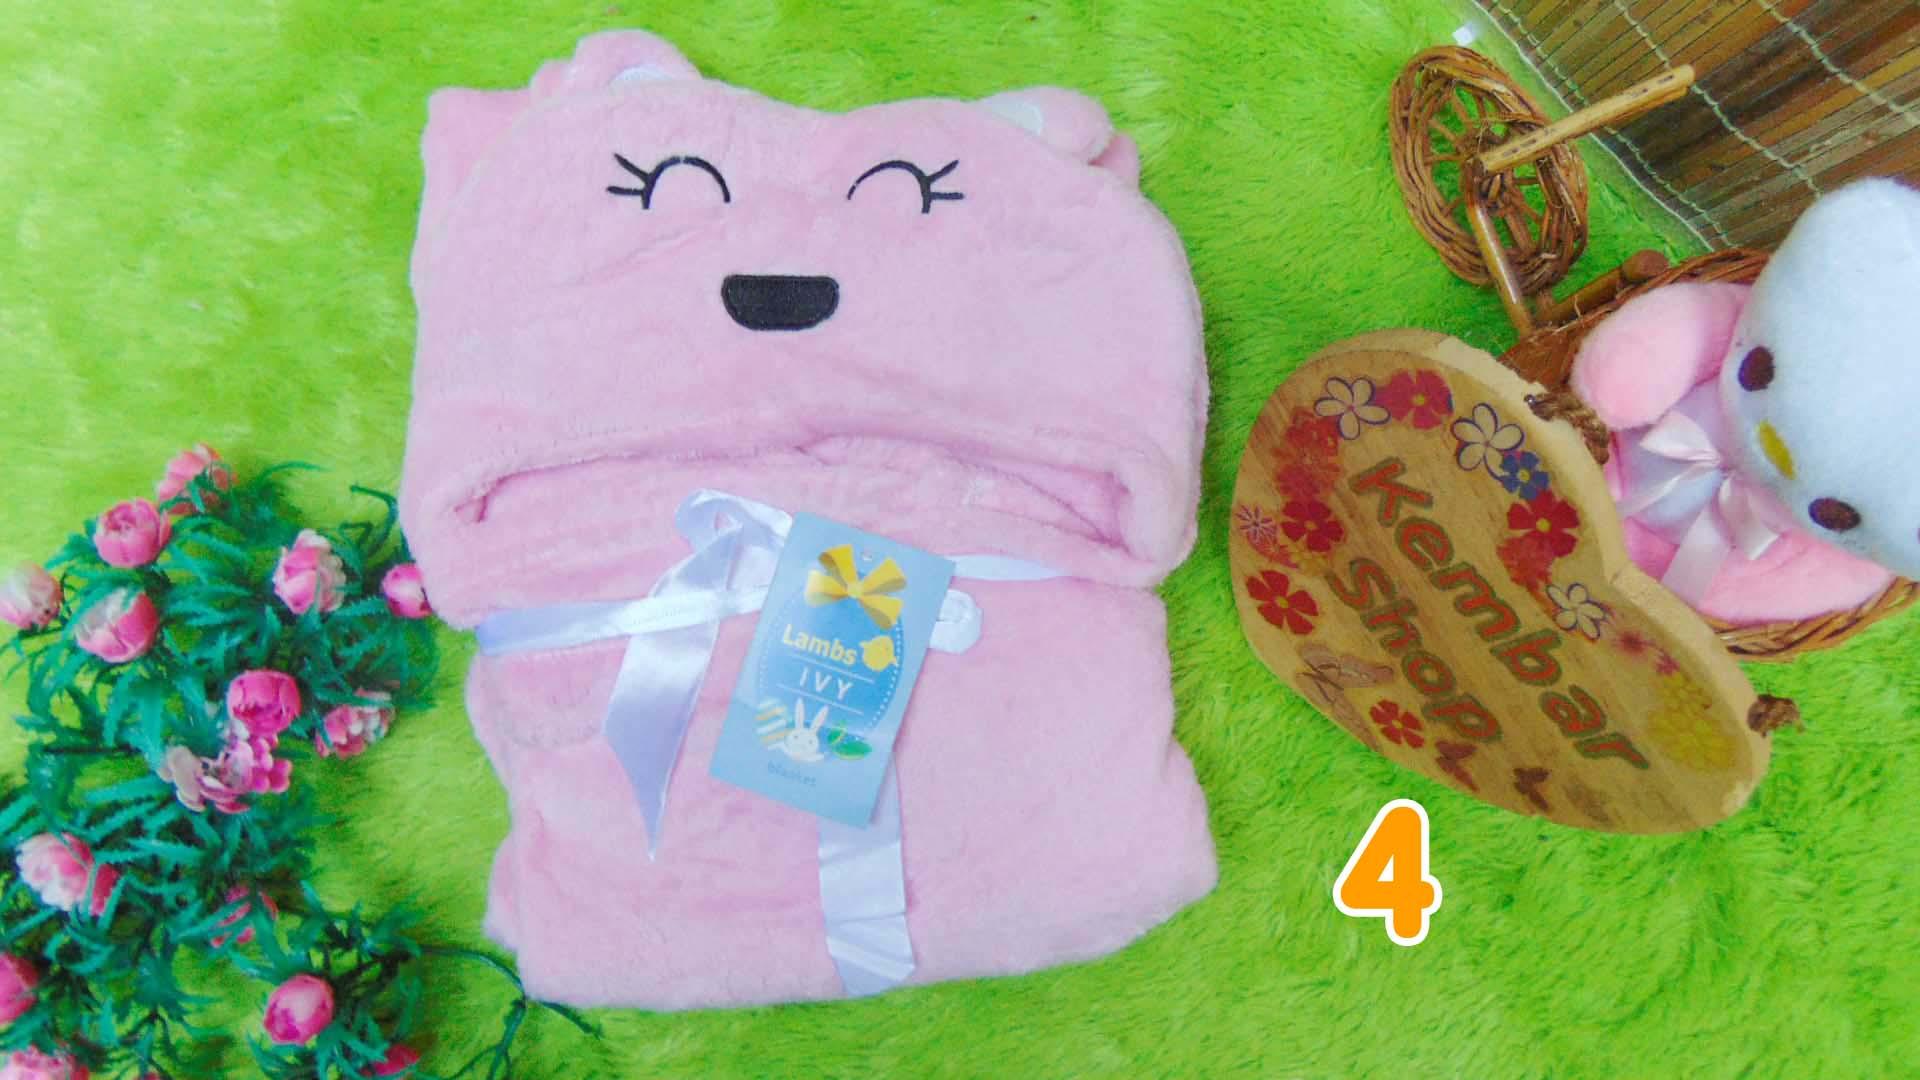 kado bayi selimut topi bulu carter double fleece animal karakter motif baby cewek perempuan (2)